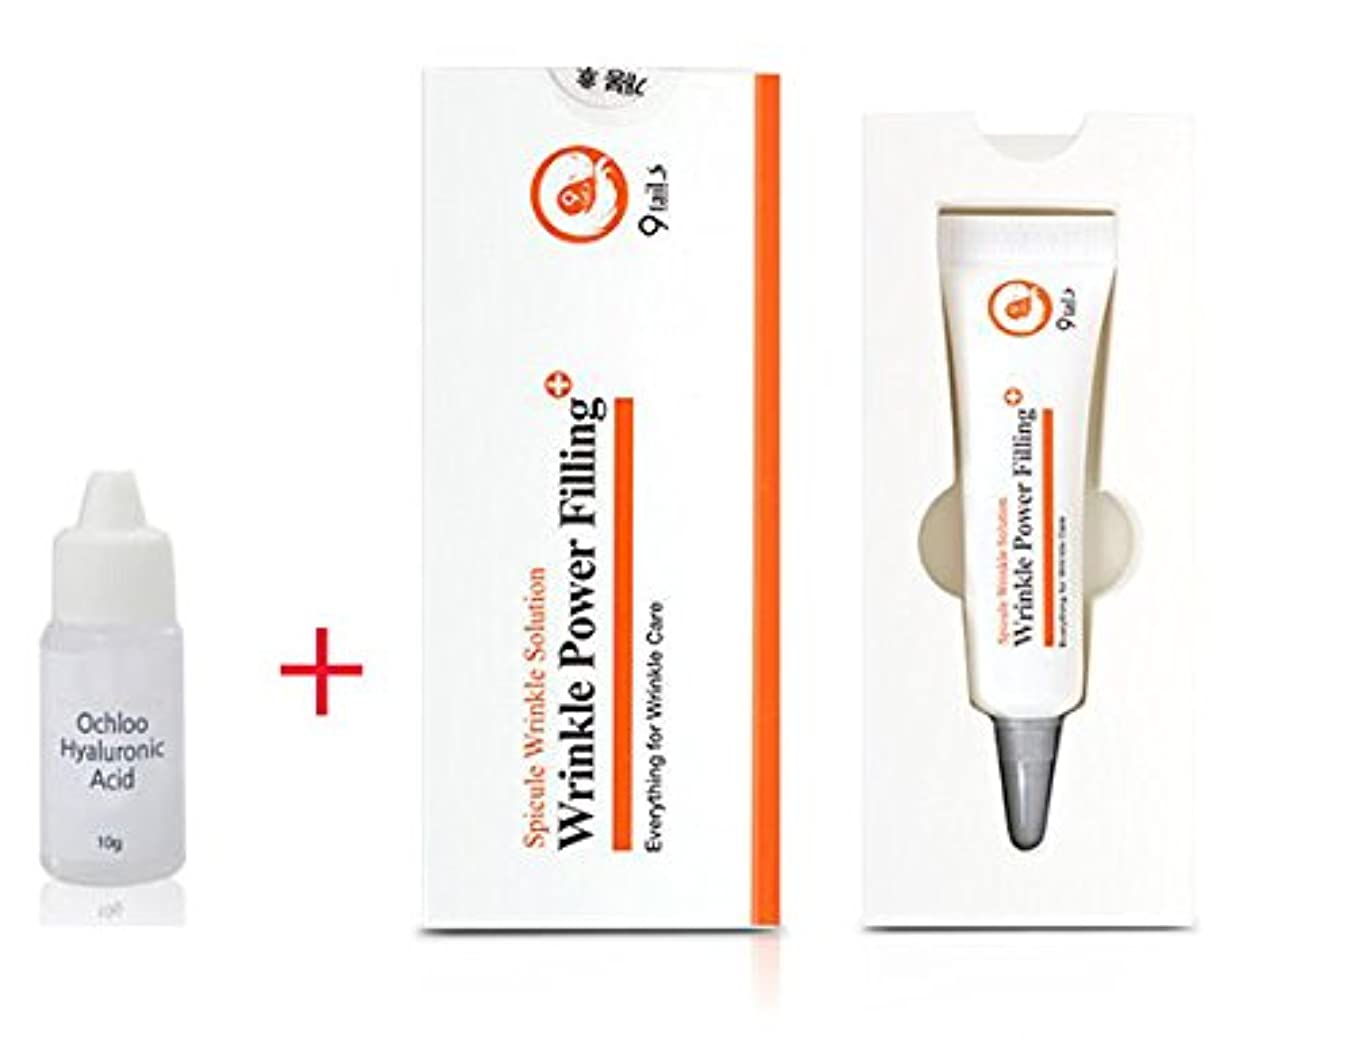 打倒保険ダイジェスト9 tails: Wrinkle Power Filling 5ml: Improve wrinkles Serum. リンクルパワーフィーリング シワ改善?セラム + Ochloo hyaluronic acid 10ml